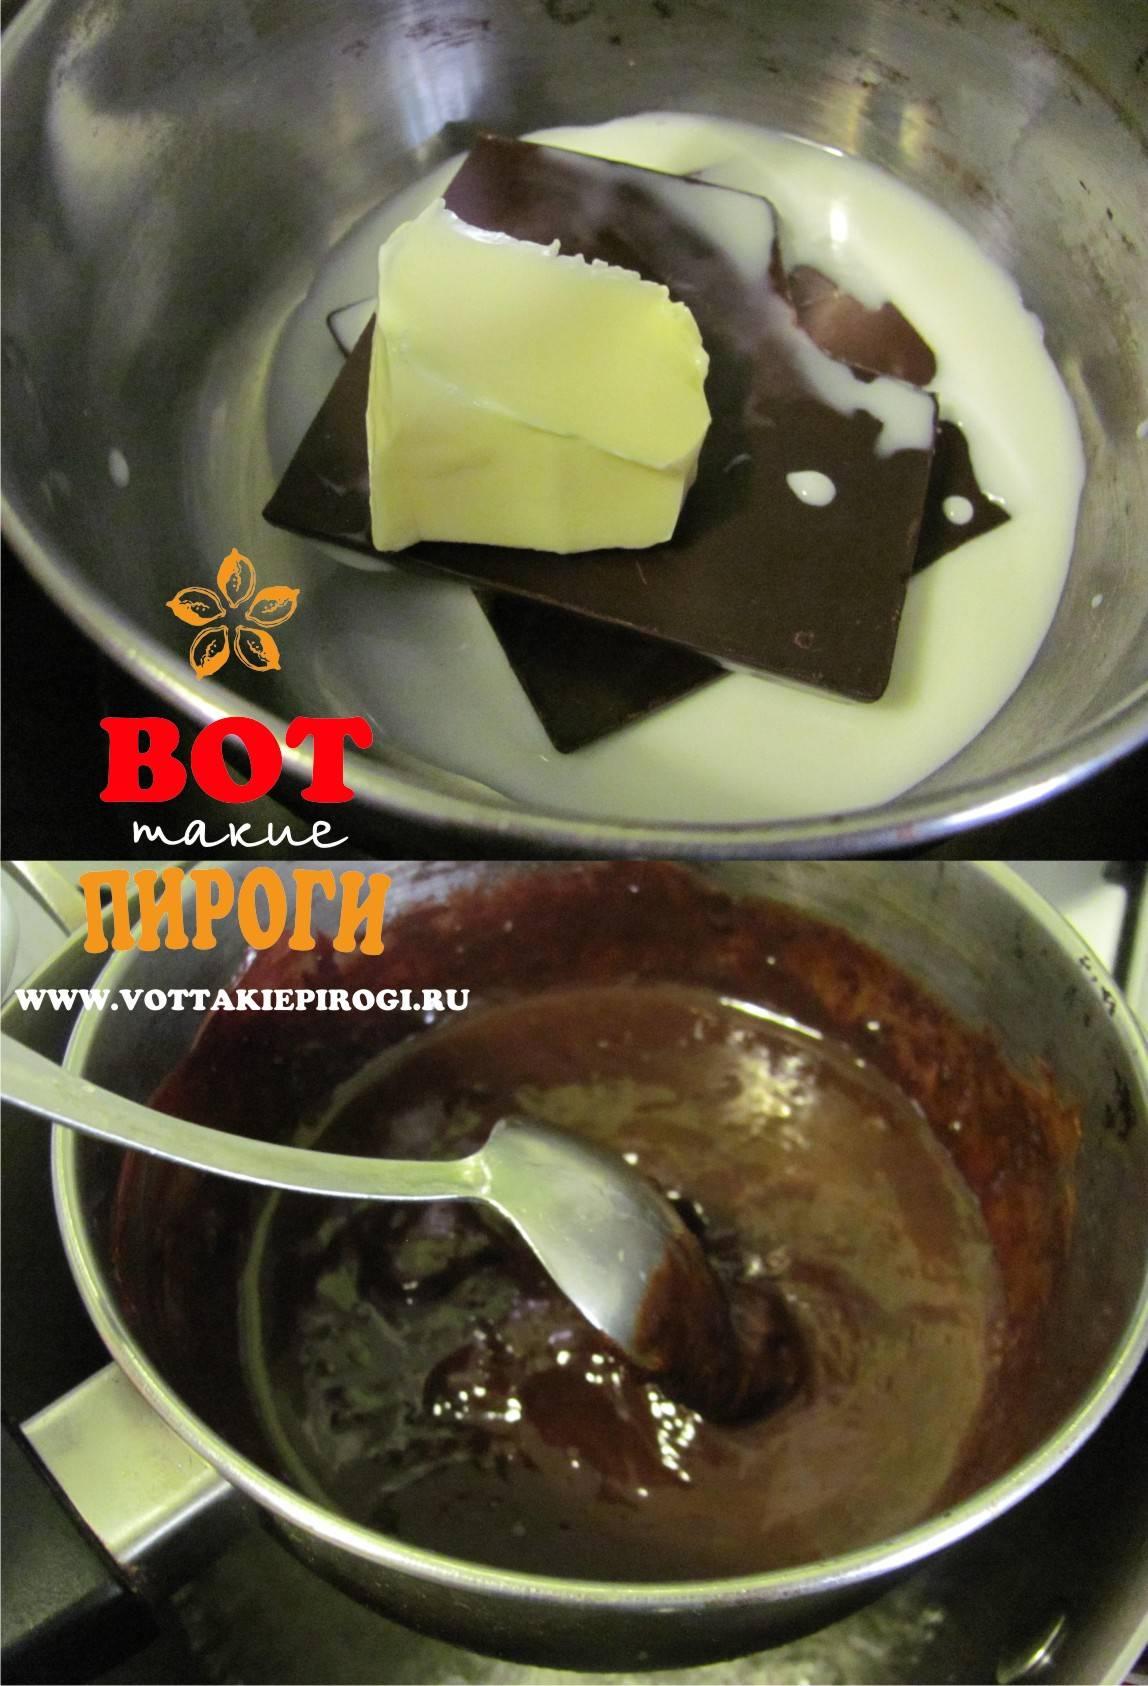 Как сделать глазурь для торта в домашних условиях. рецепты с фото: шоколадная, зеркальная, сахарная, из какао и молока, цветная, белая